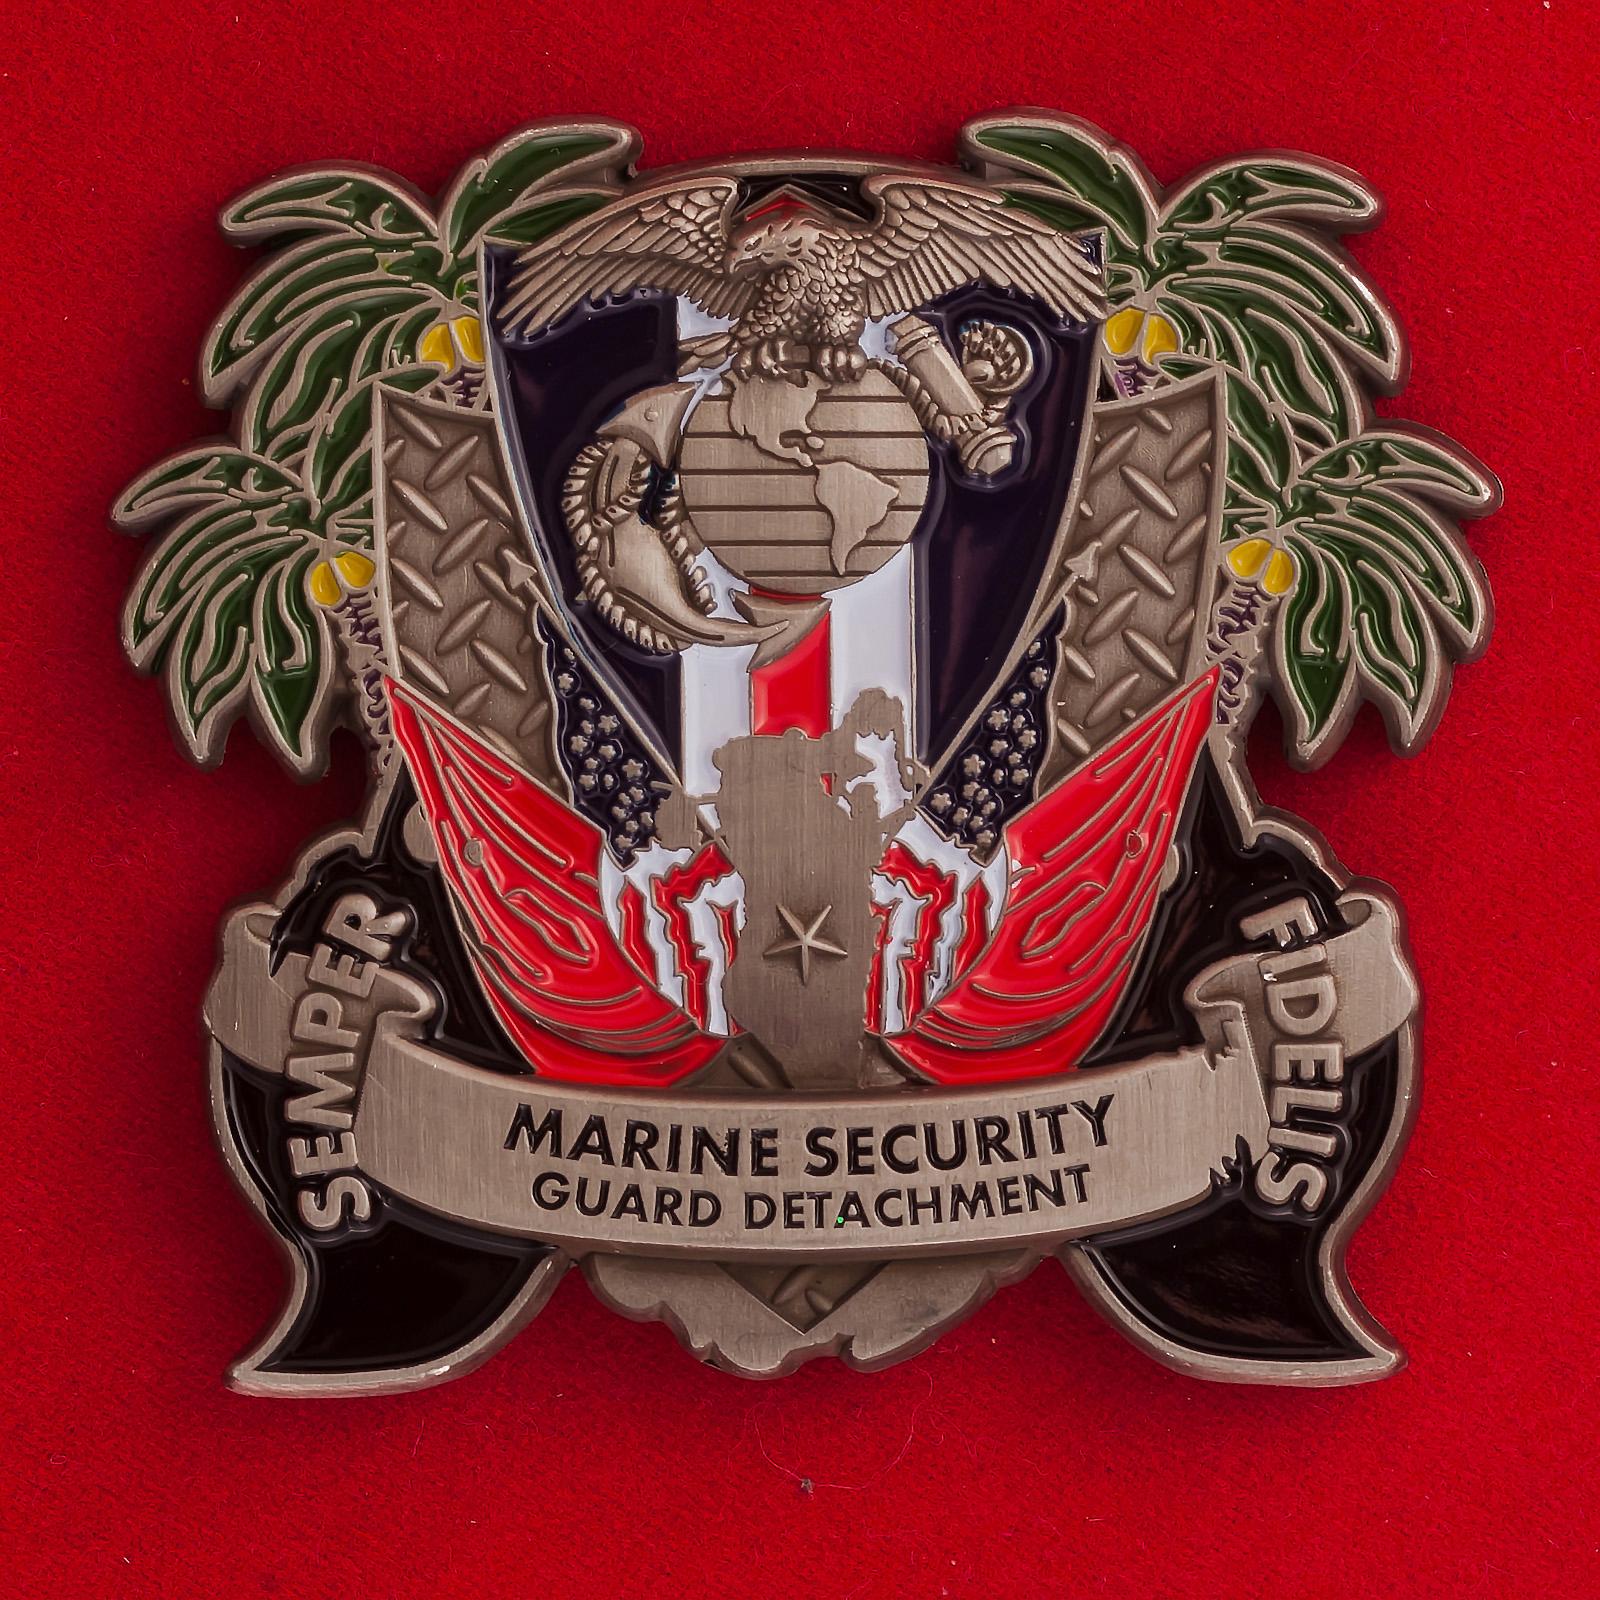 Челлендж коин Подразделения Корпуса Морской пехоты при посольстве США в Бахрейне